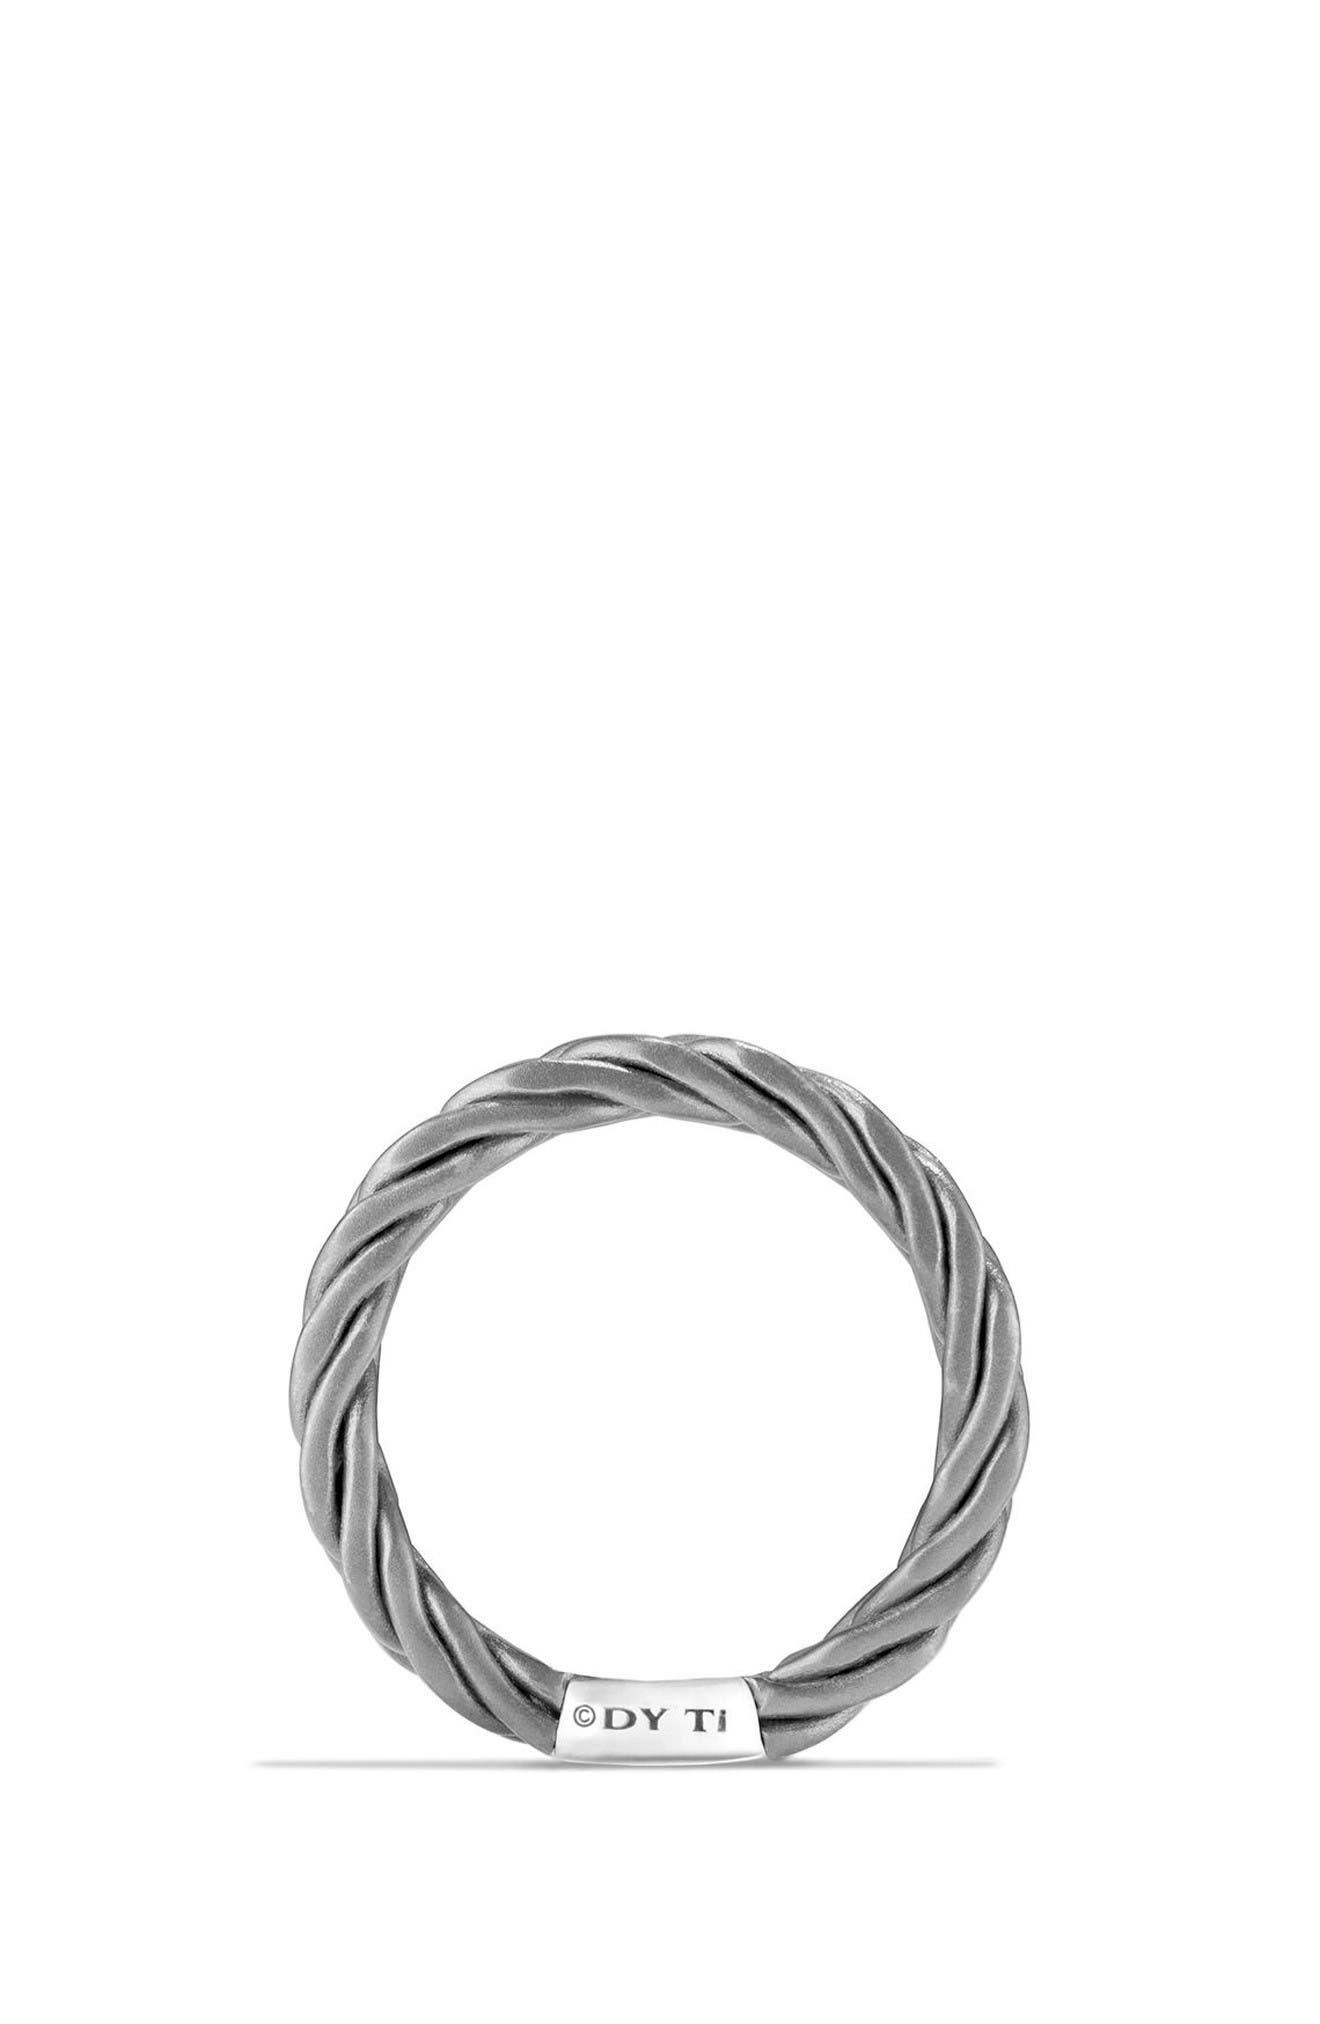 Titanium Band Ring,                             Alternate thumbnail 2, color,                             Grey/ Titanium